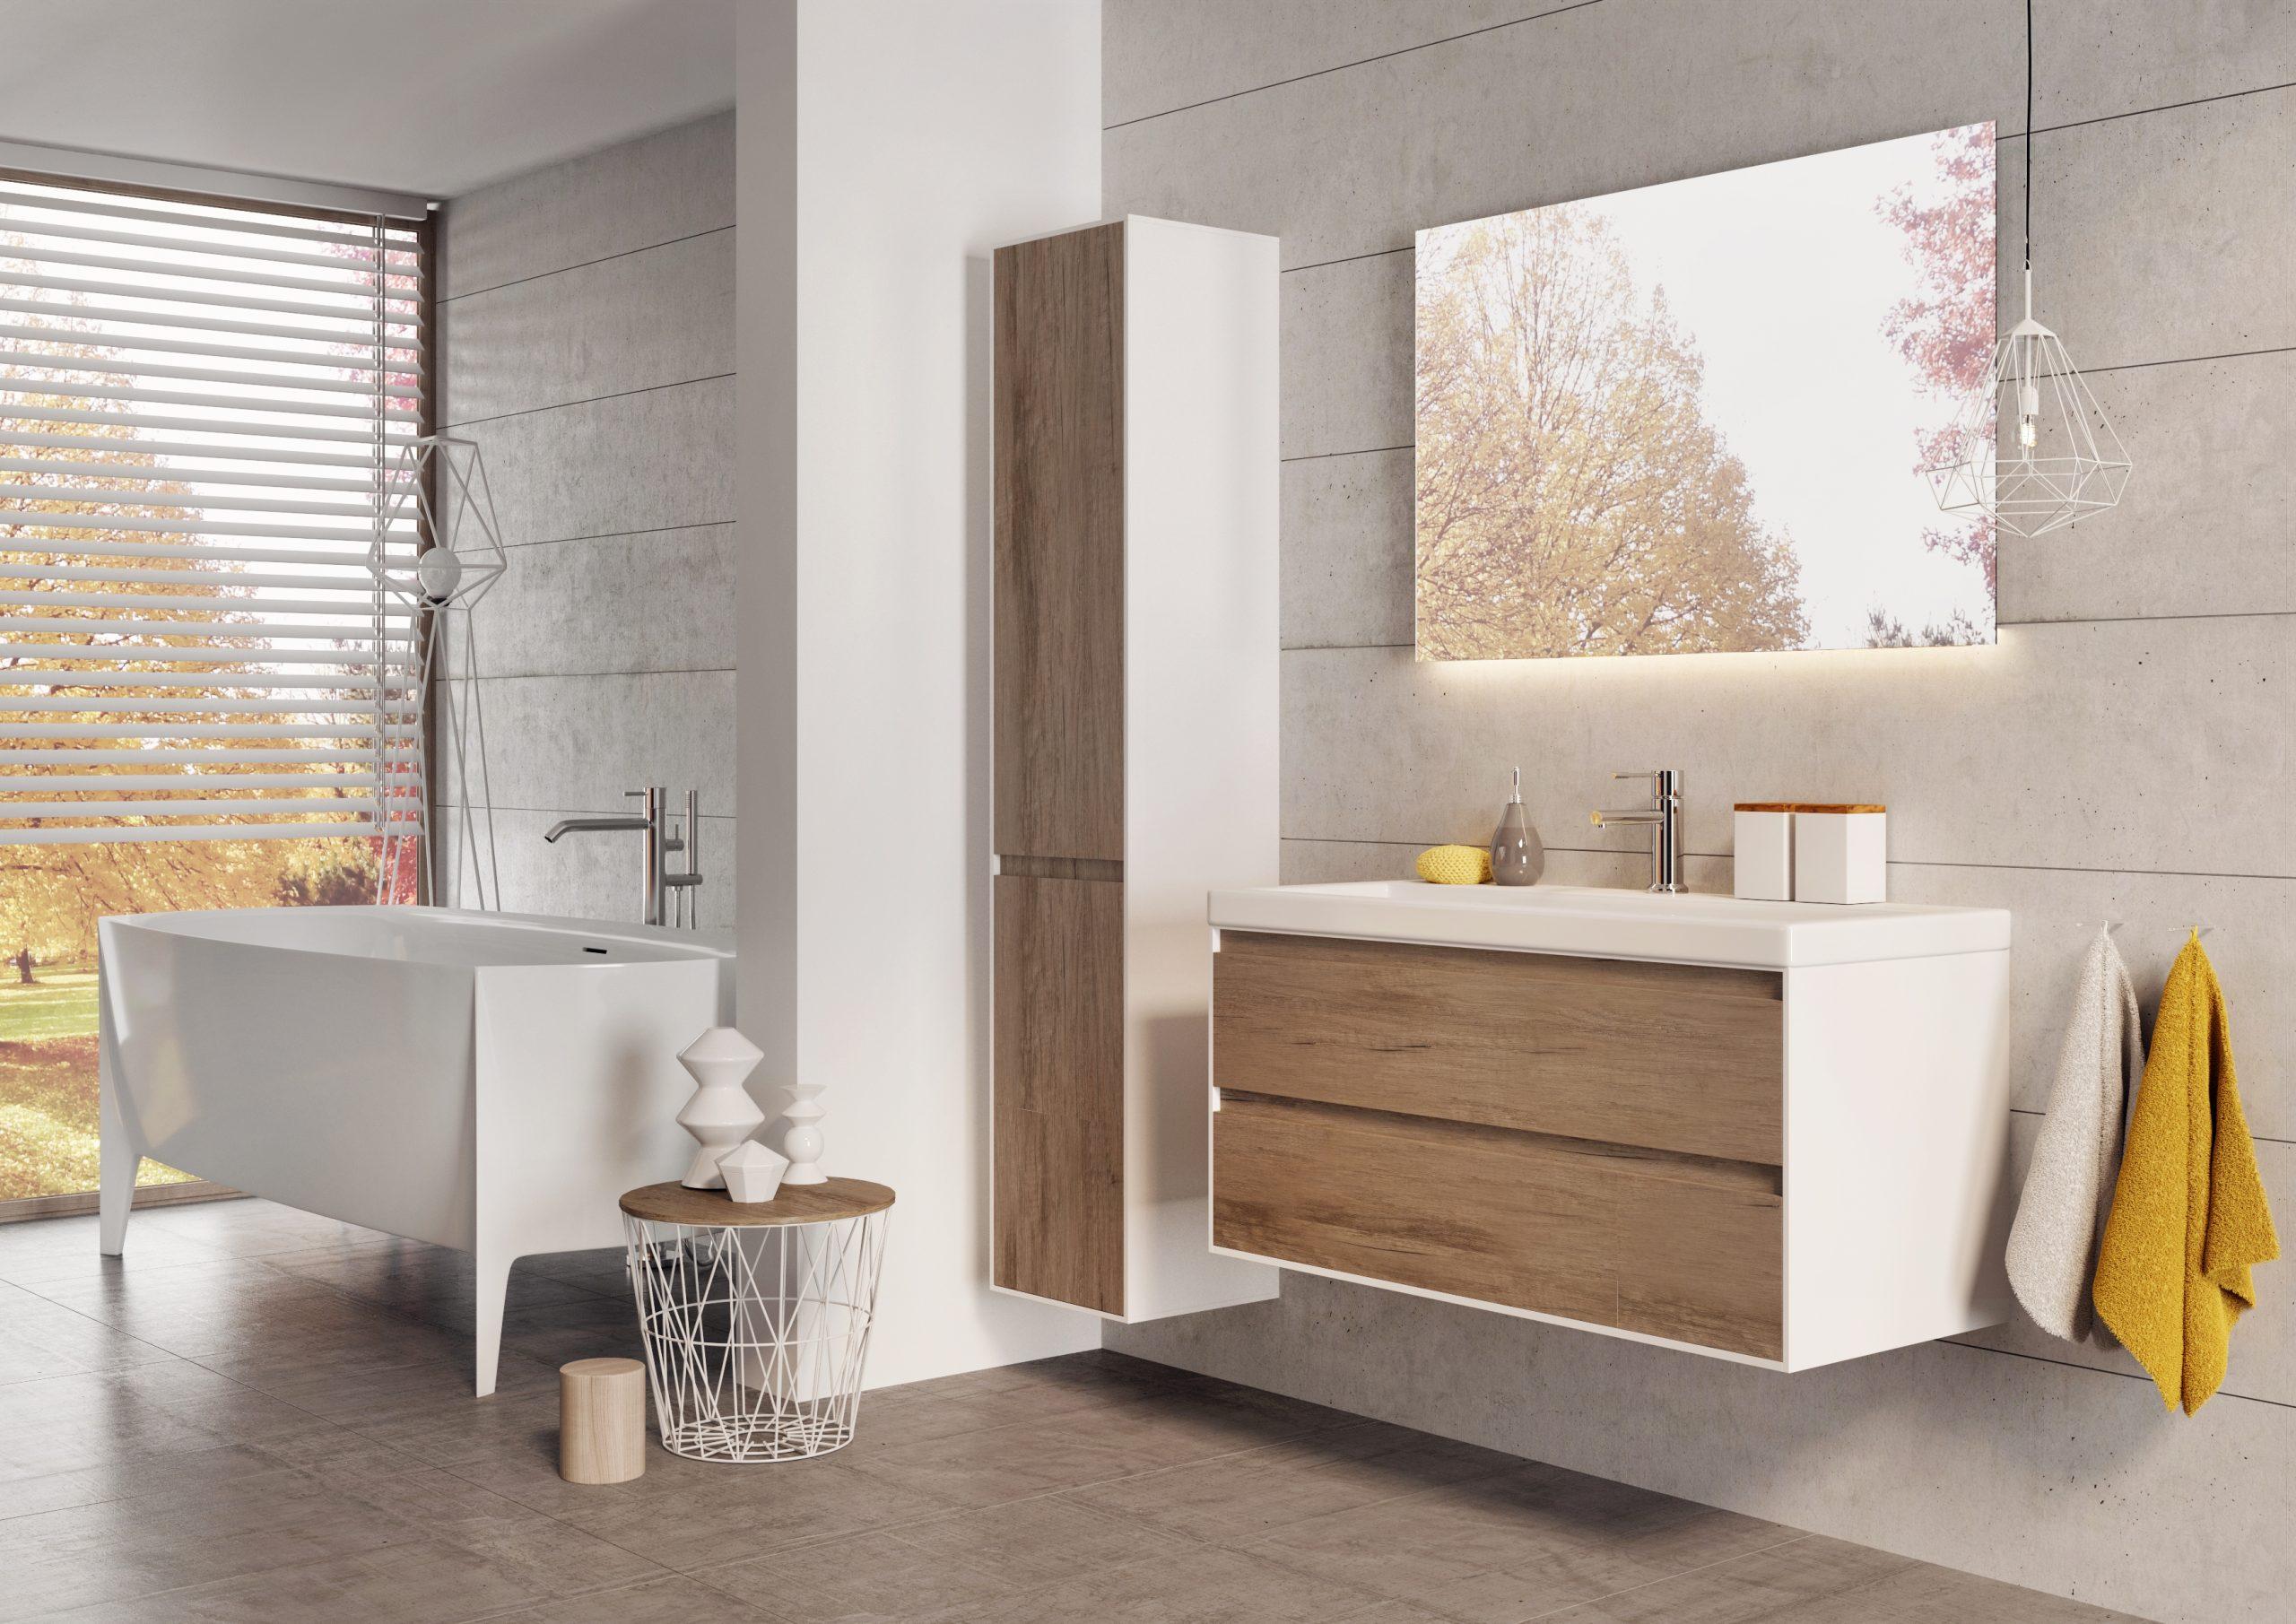 Mijn-bad-in-stijl-tip5-streepjes-badkamer